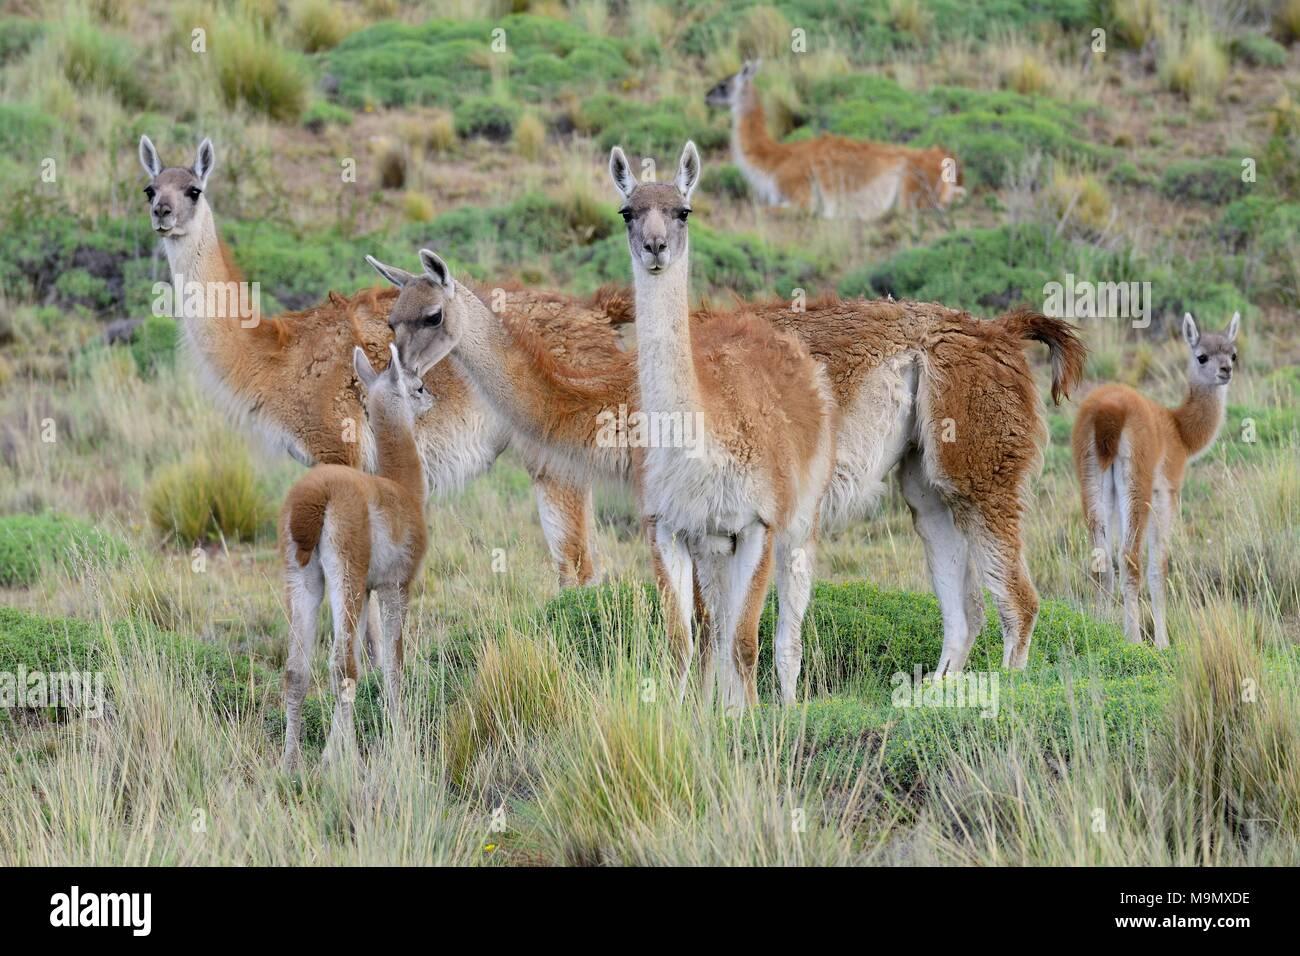 Herden von Guanacos (Lama Guanicoe) mit jungen Tieren, Valle Chacabuco, Región de Aysén, Chile Stockbild